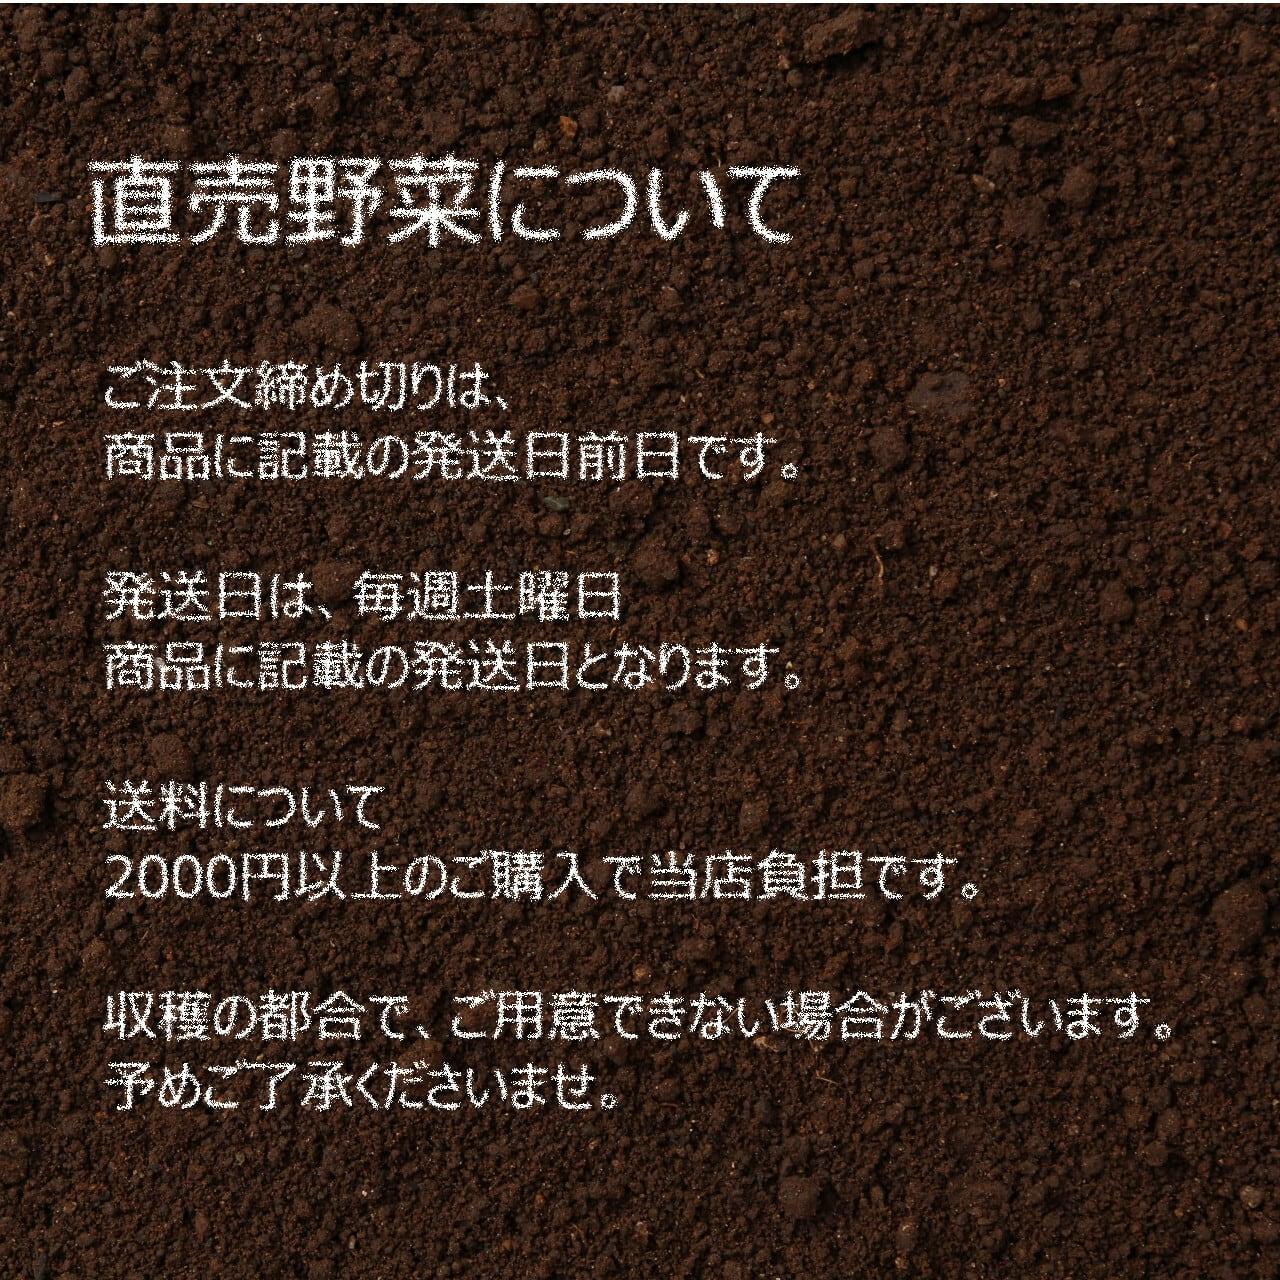 朝採り直売野菜 インゲン 100g 春の新鮮野菜 5月15日発送予定